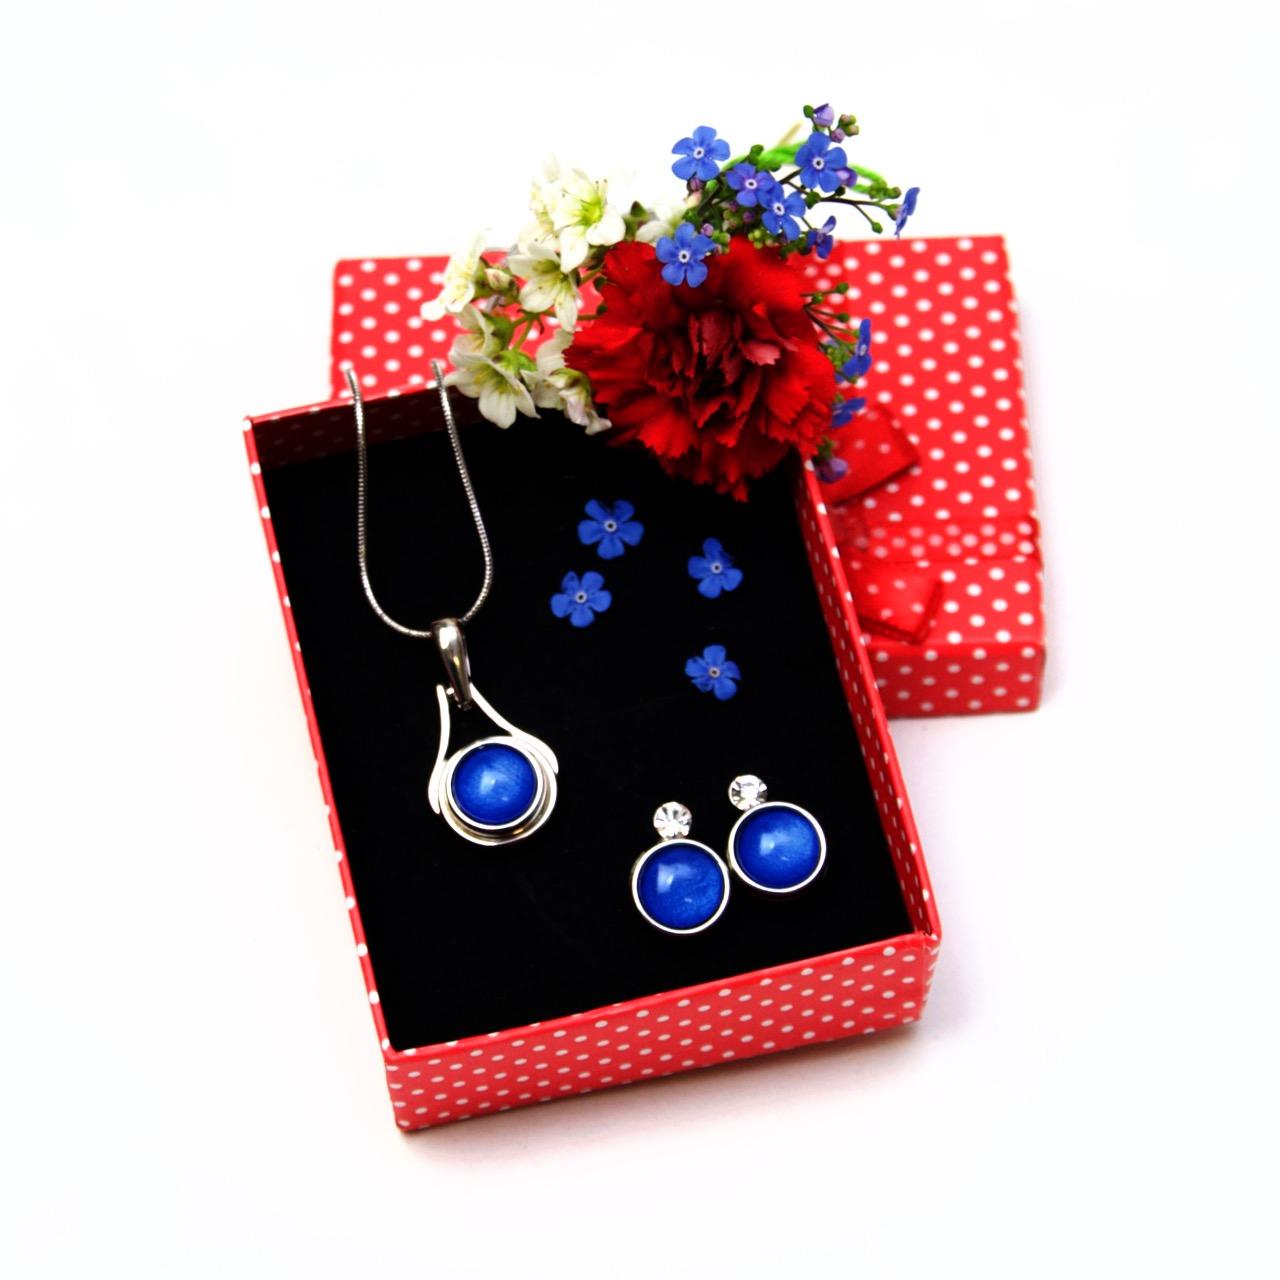 Druckknopf Set eleganter kleiner Anhänger mit Kette und Ohrringe - Farbwahl